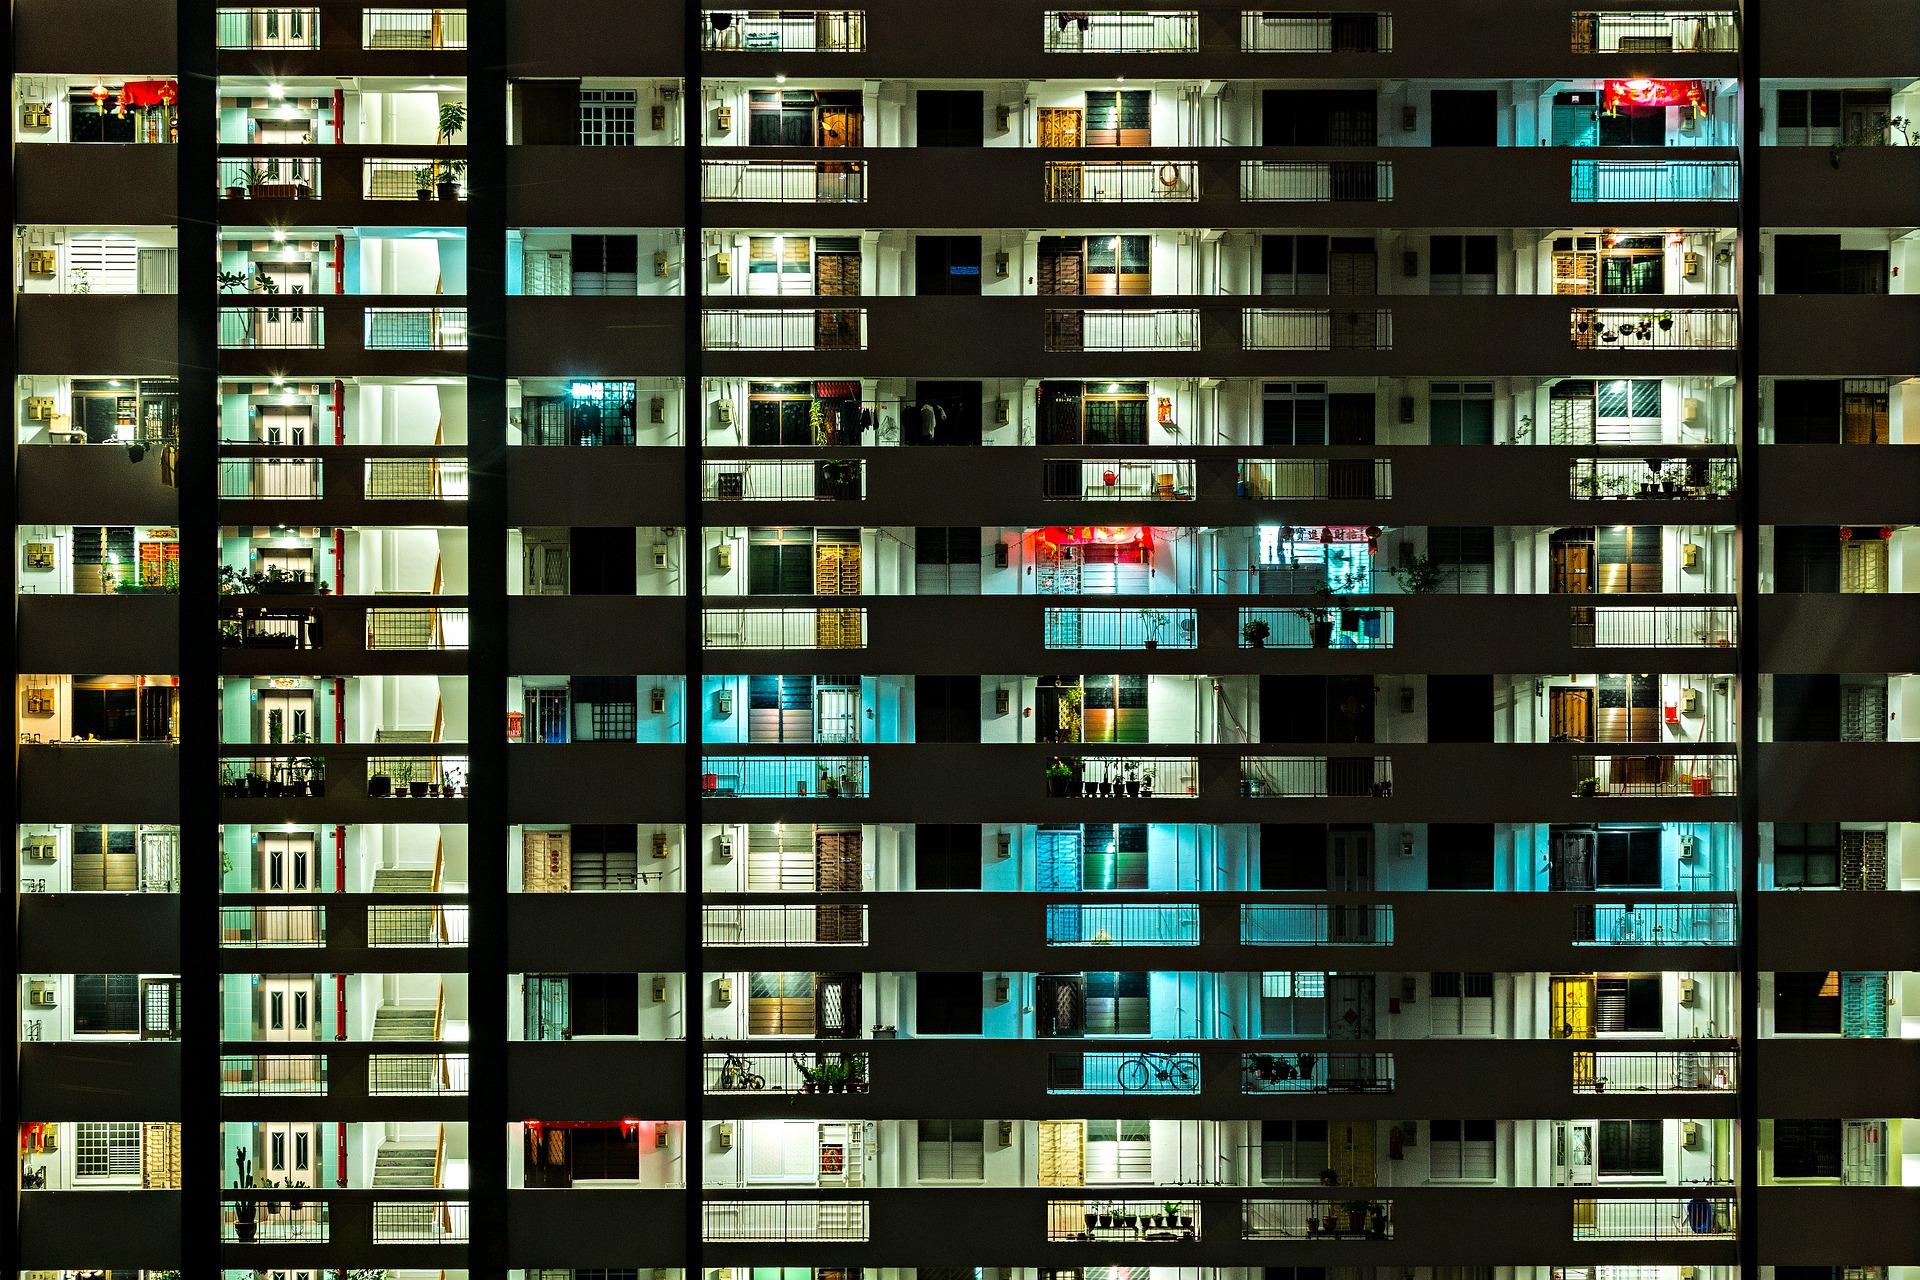 Assembleia condominial em tempos de pandemia